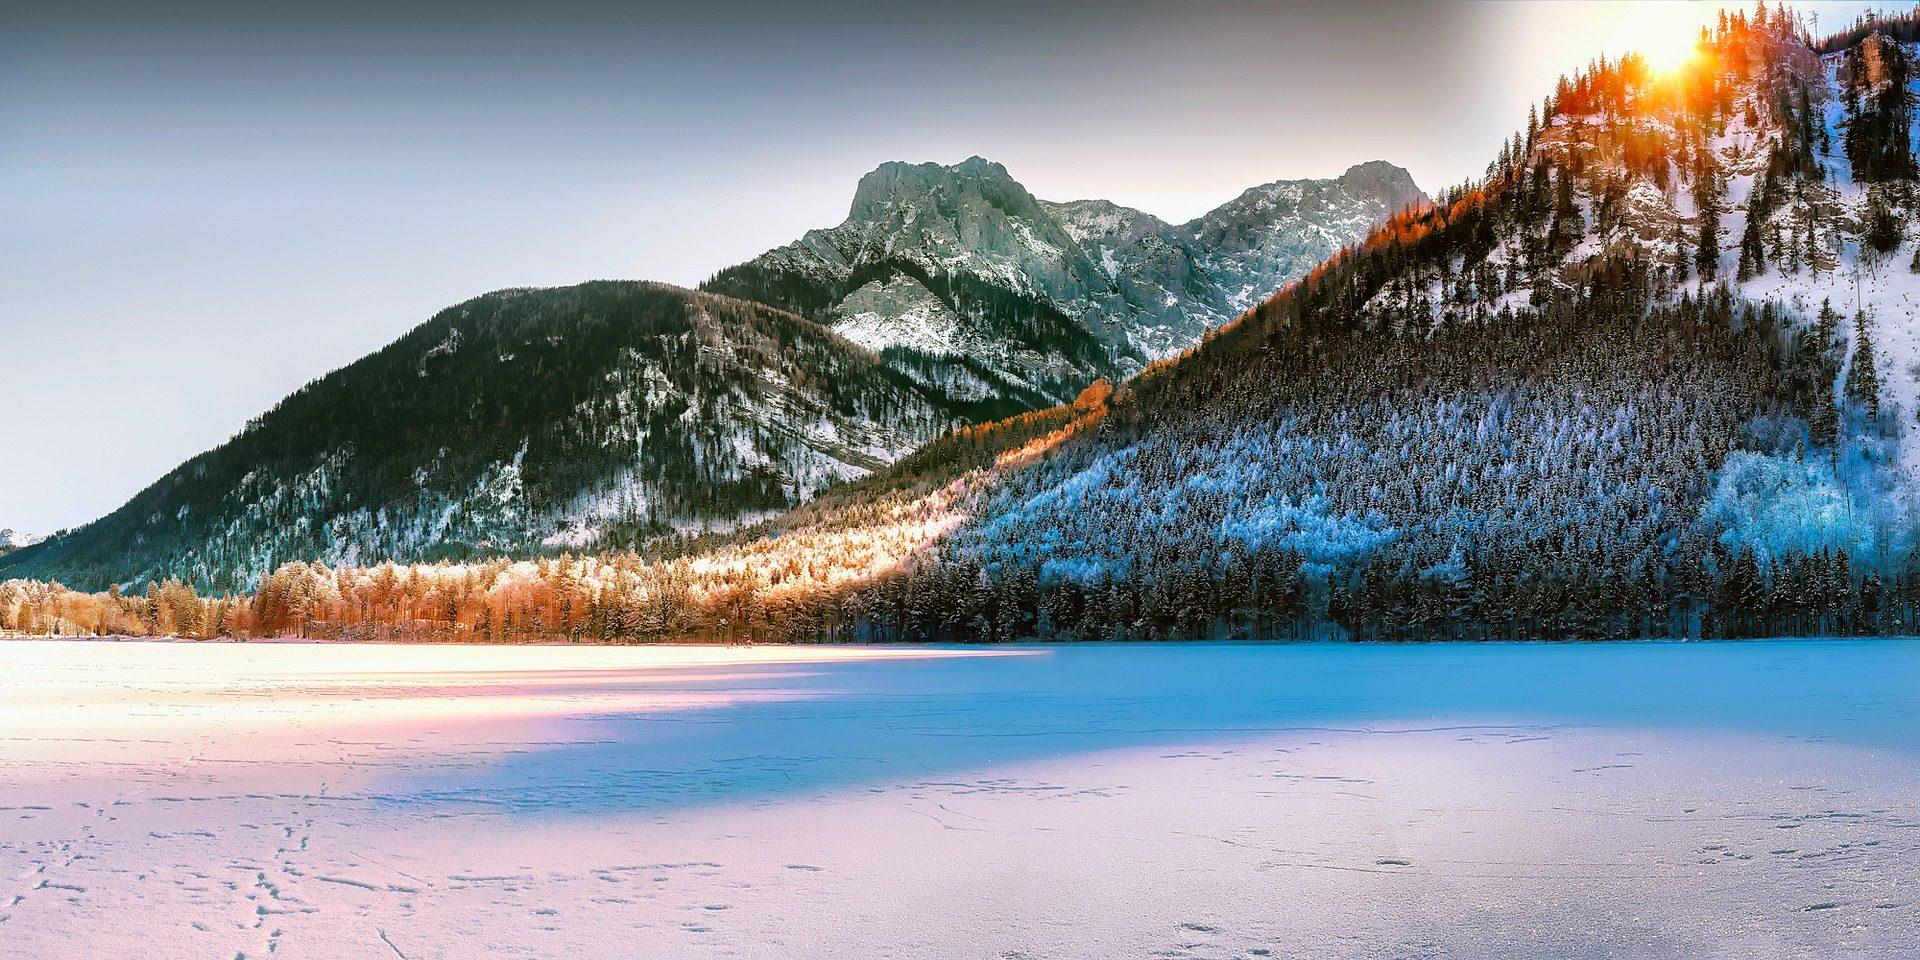 Montañas, nevicata, neve, Alba, lago, gelato, Sole, raggi - Sfondi HD - Professor-falken.com